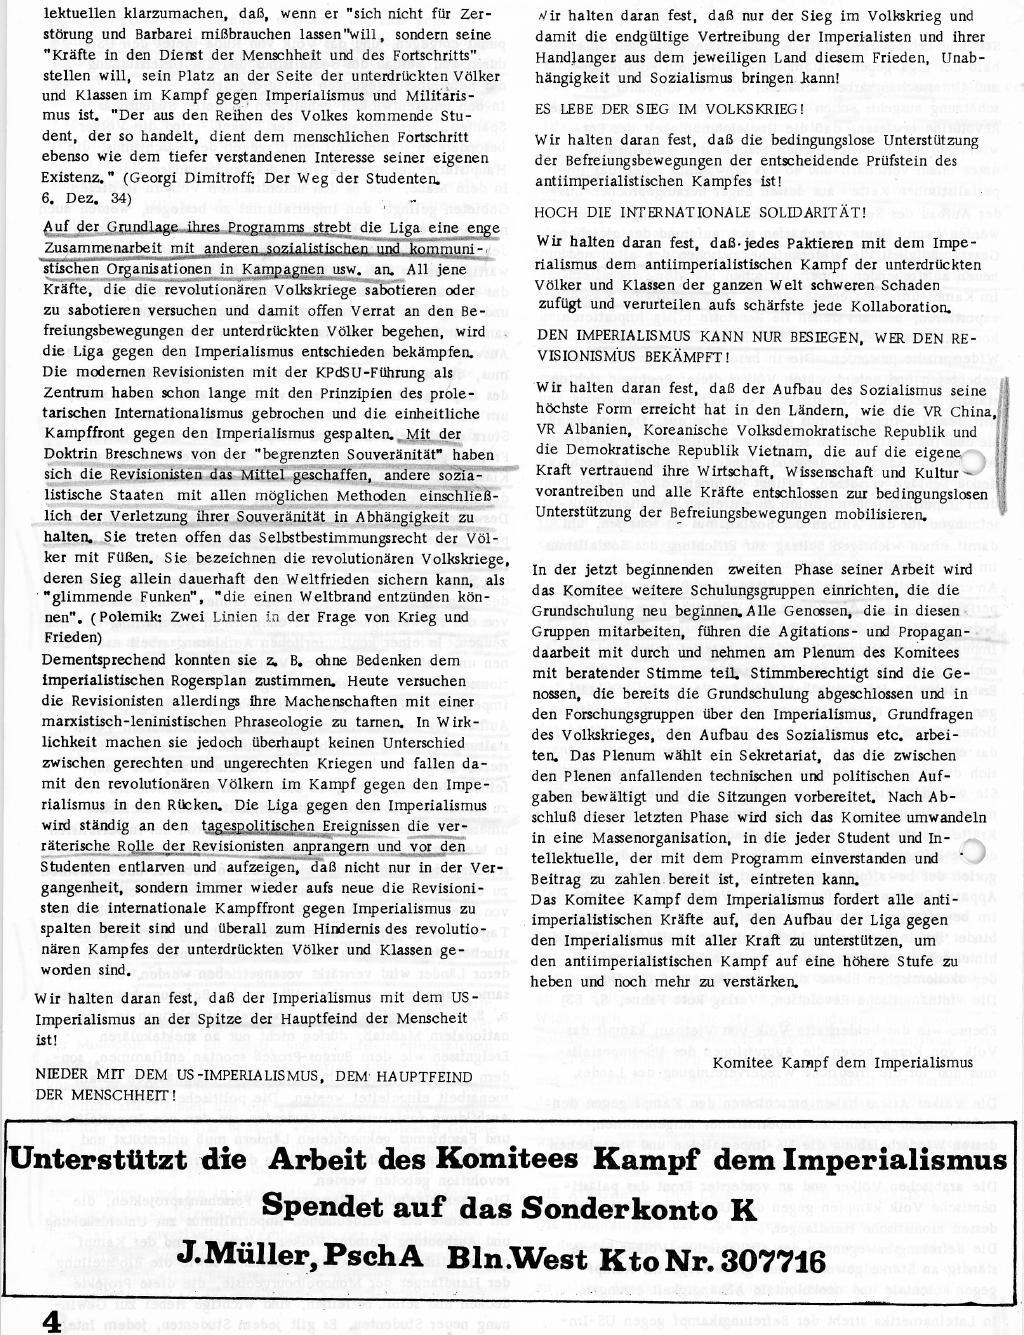 RPK_1971_117_04